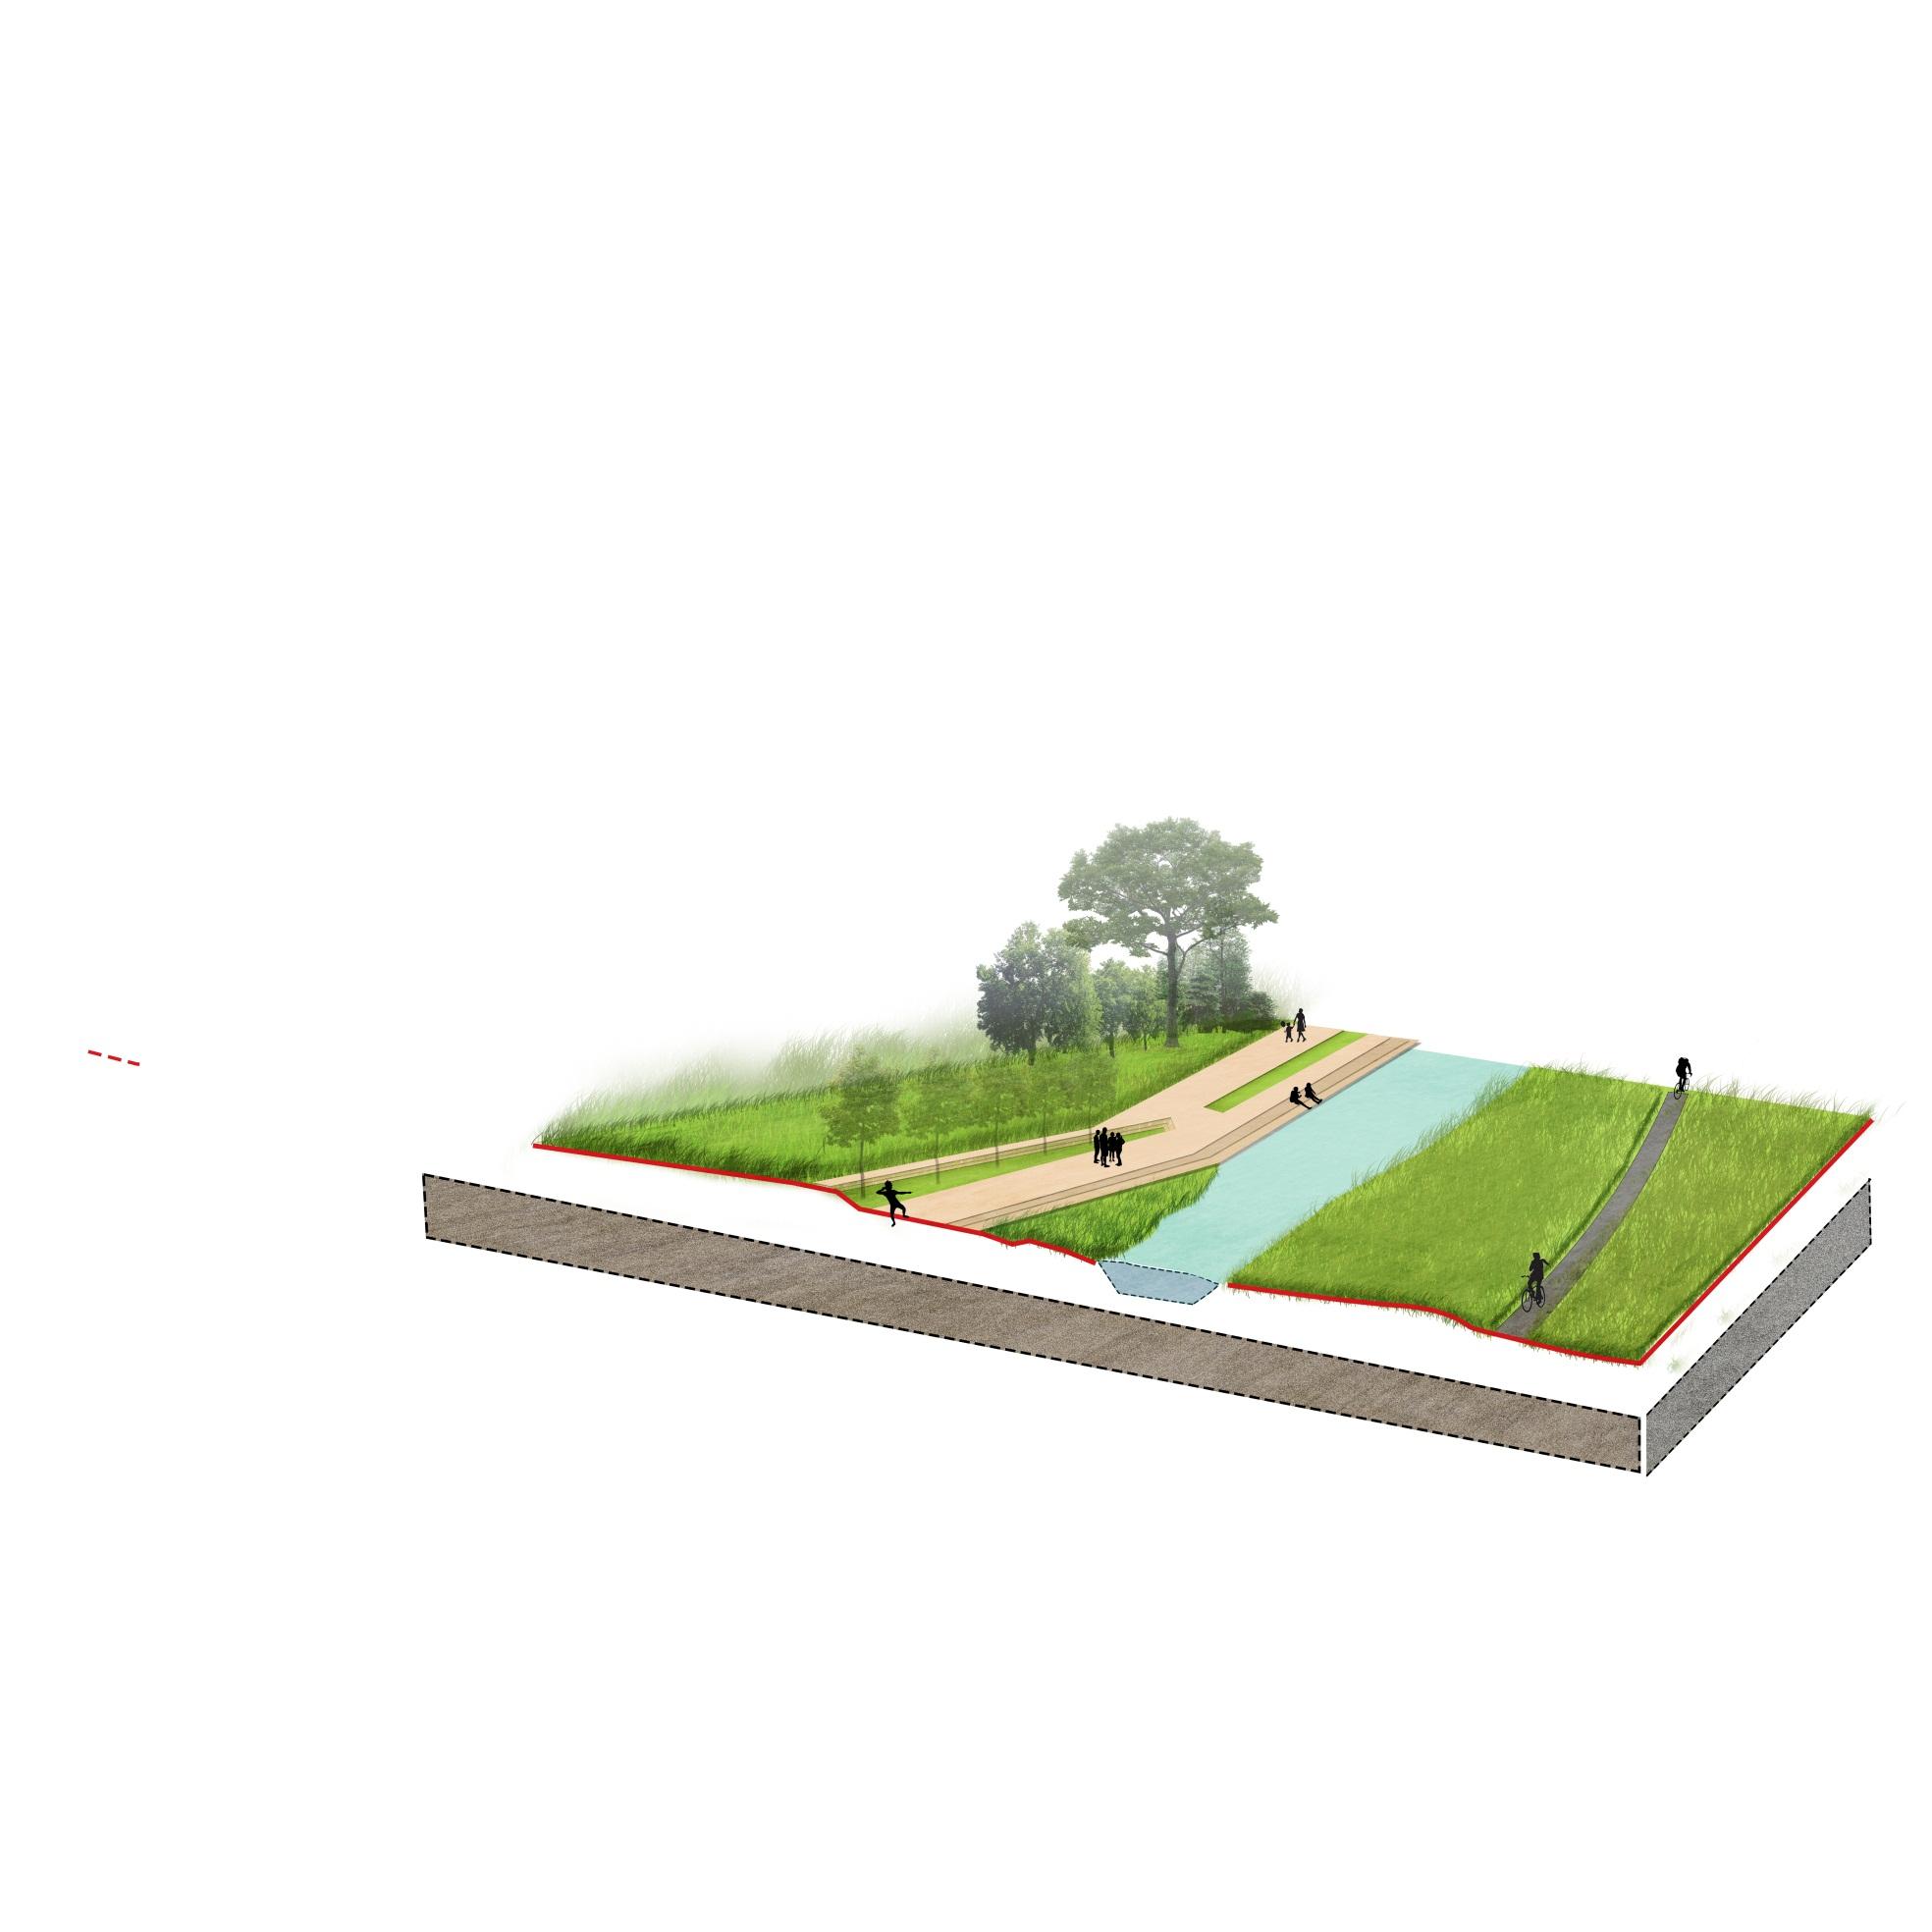 分析图/剖面图作品展示 空间 景观设计 ventionn